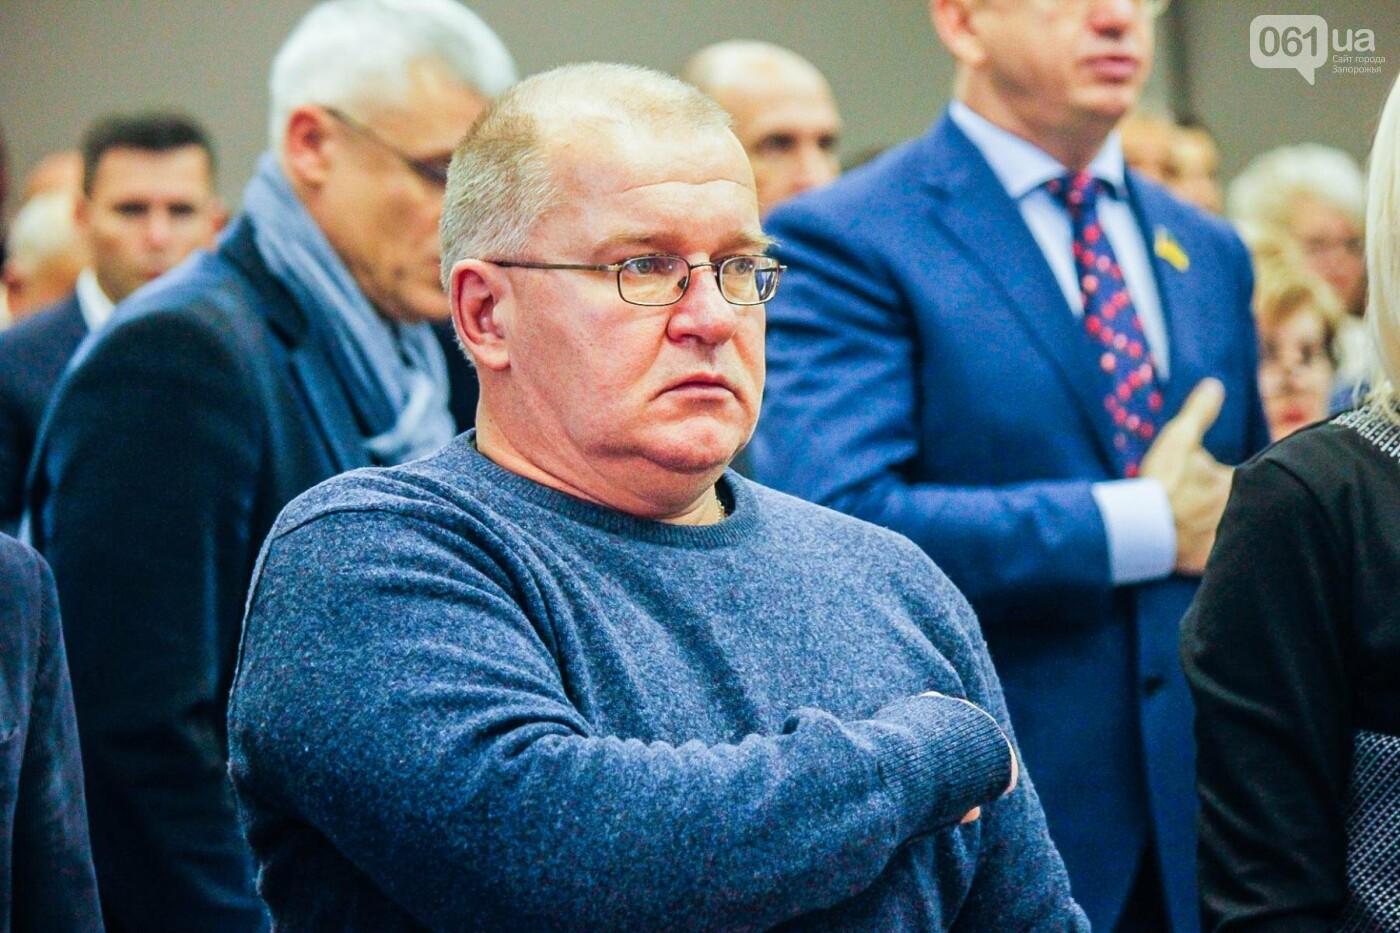 Сессия запорожского горсовета в лицах, - ФОТОРЕПОРТАЖ, фото-72